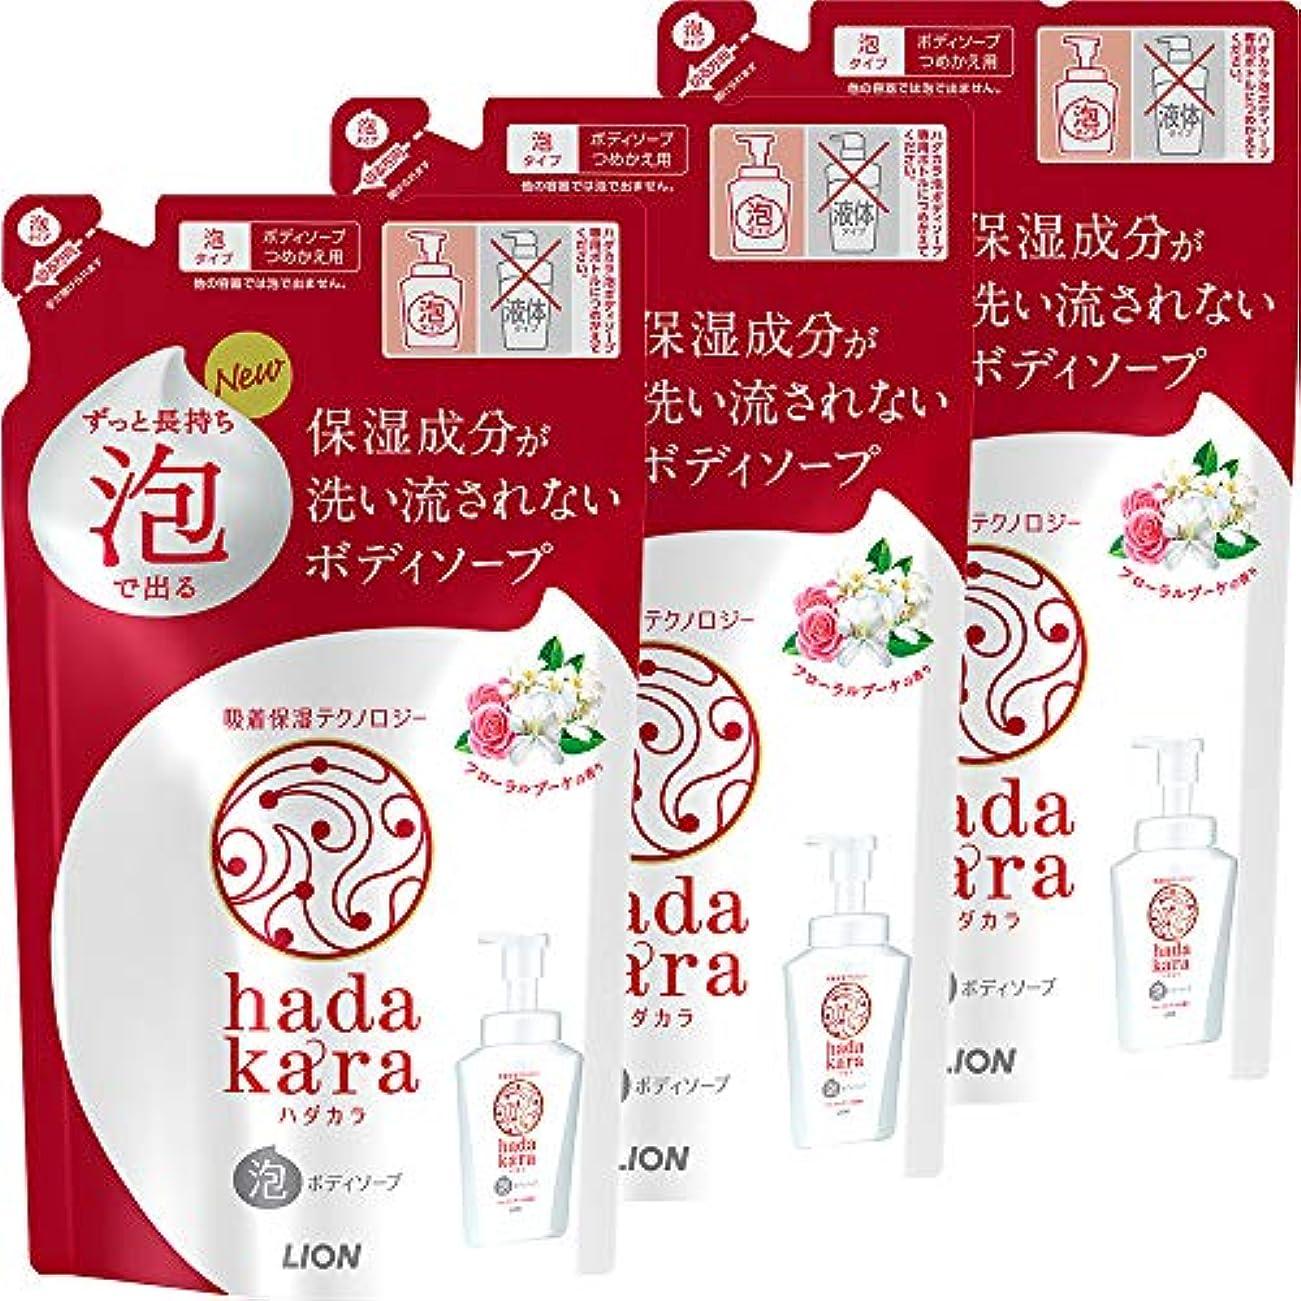 コロニーよろめく出くわすhadakara(ハダカラ) ボディソープ 泡タイプ フローラルブーケの香り 詰替440ml×3個